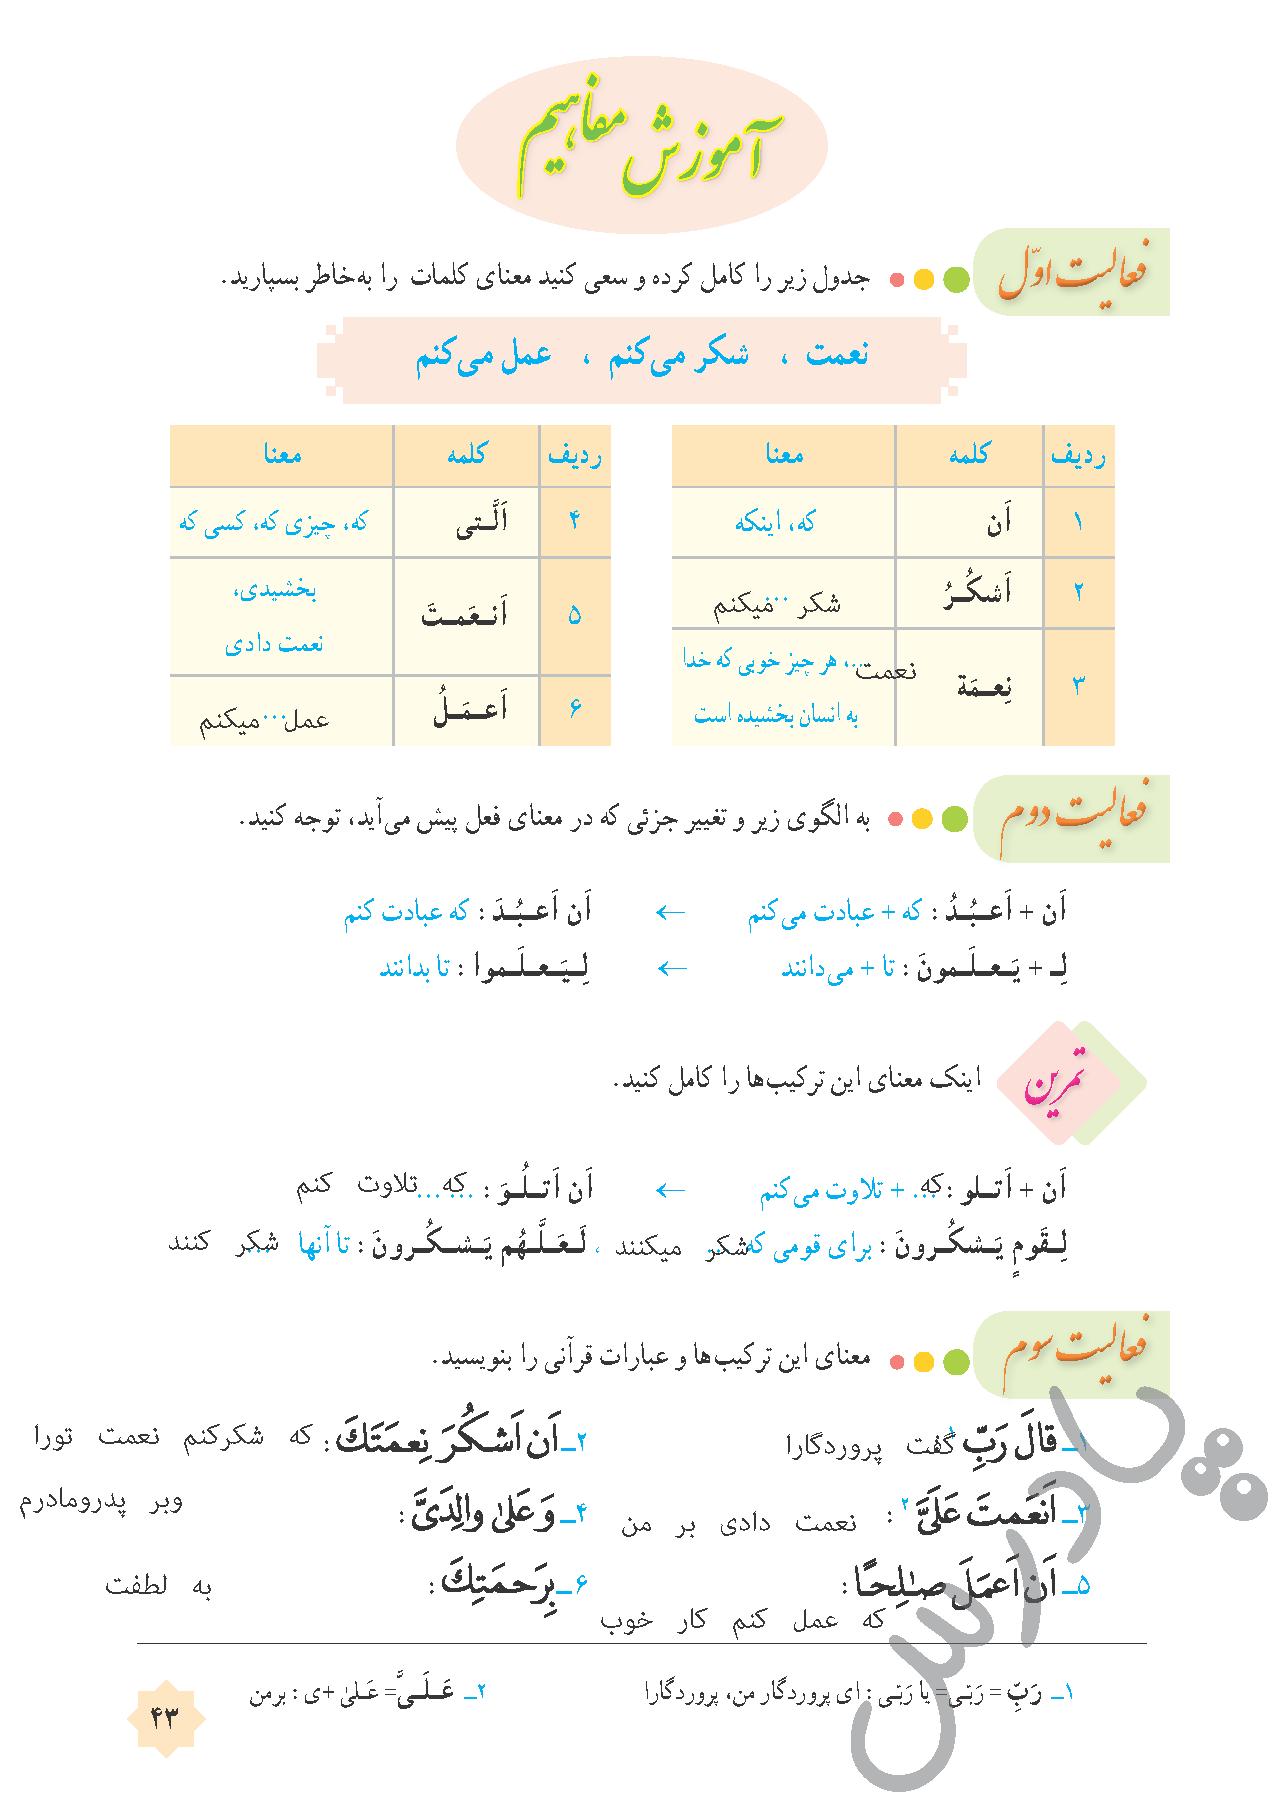 جواب فعالیت درس 4 قرآن هشتم - جلسه اول